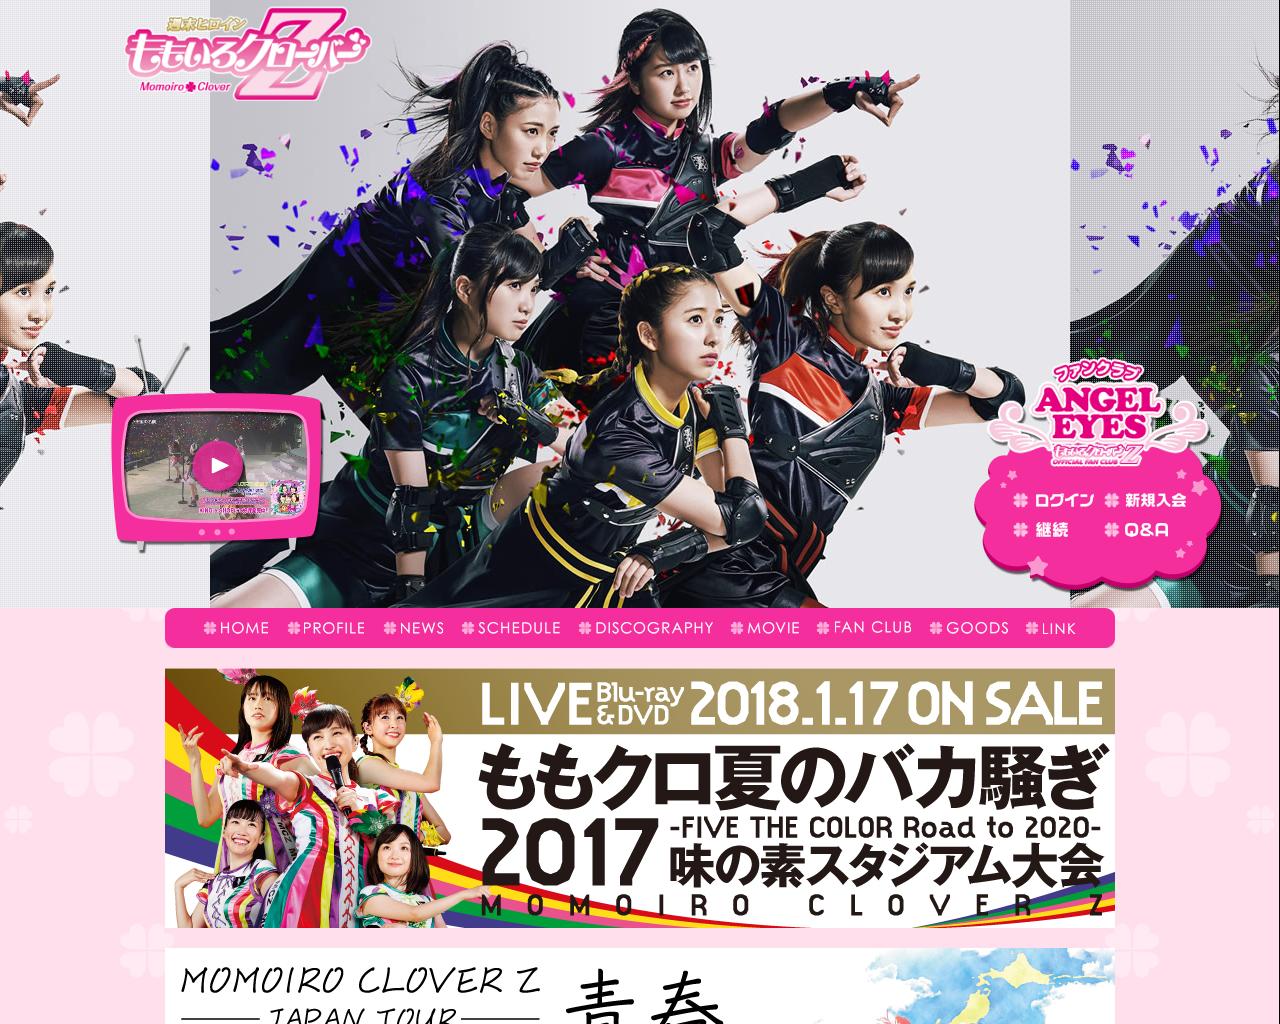 www.momoclo.net(2018/01/16 01:20:41)